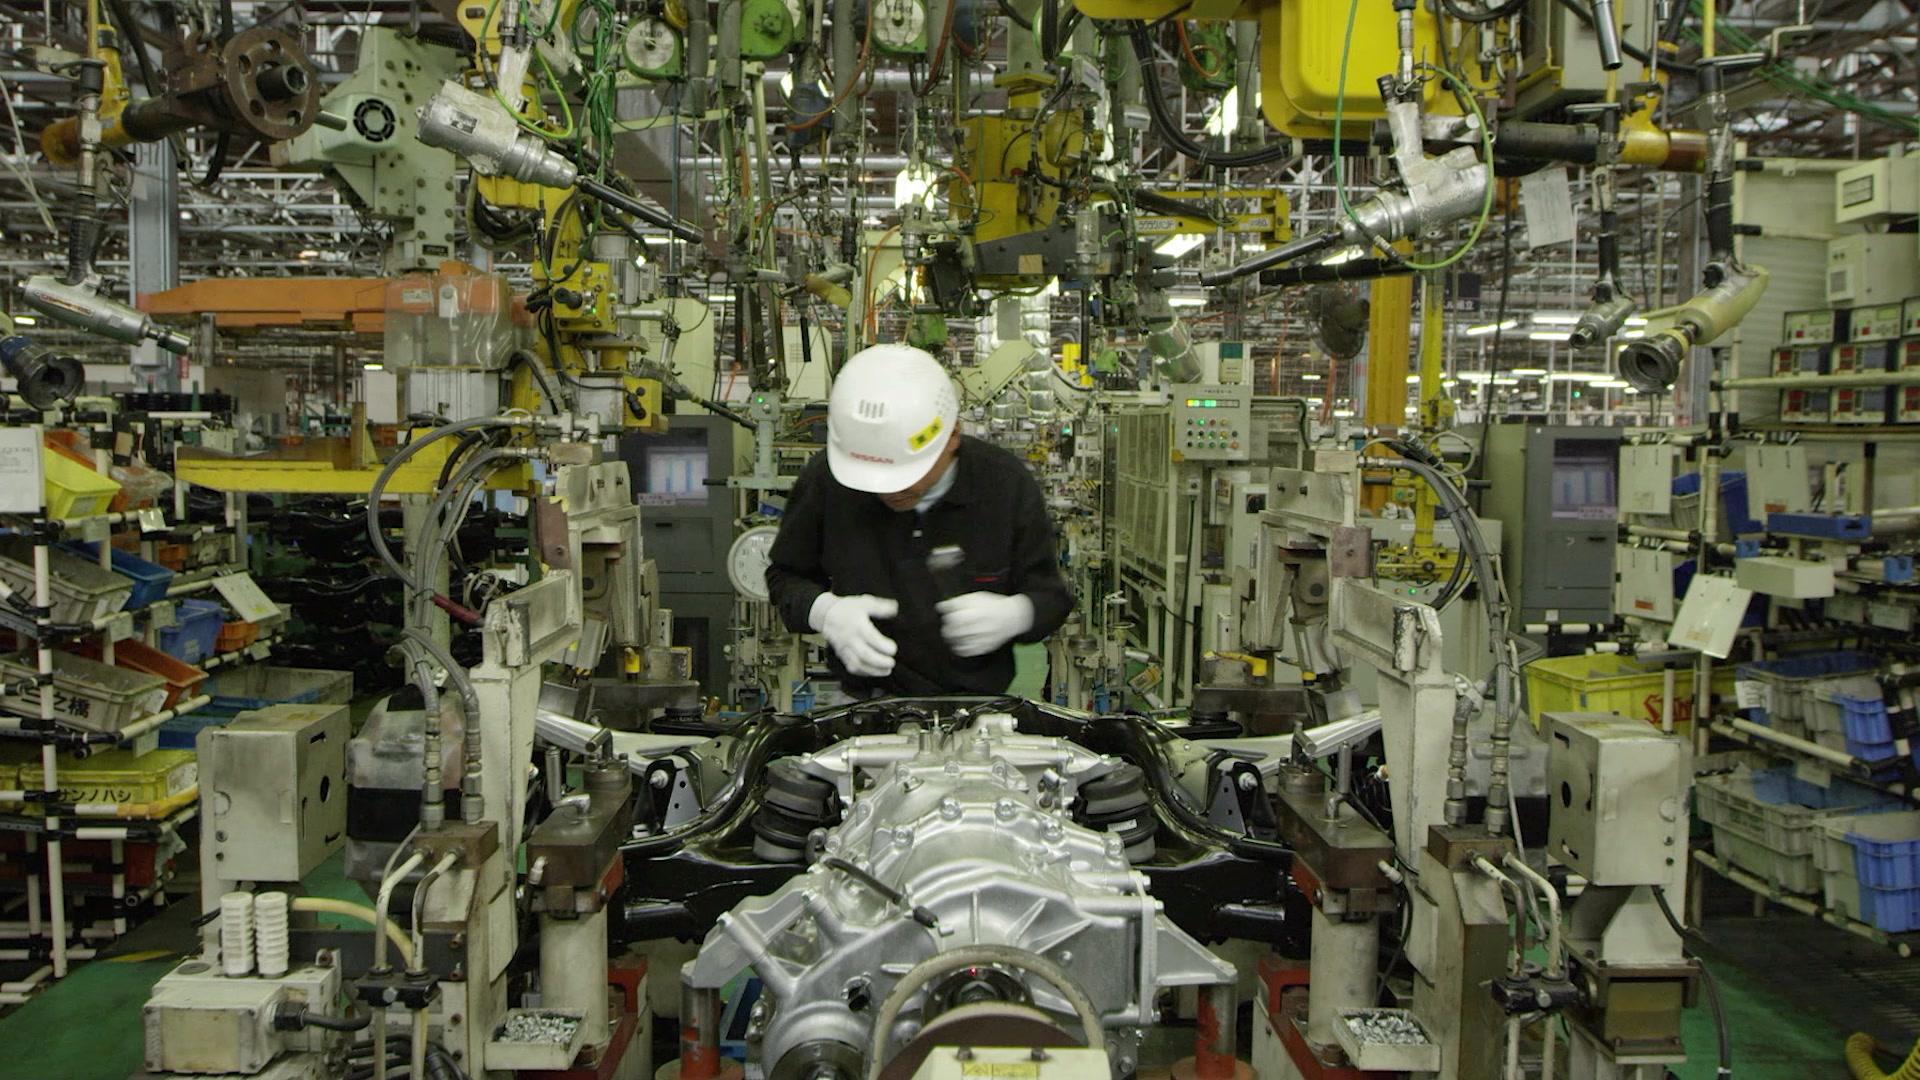 MY17 NISSAN GT-R B-roll - Nissan Tochigi Factory